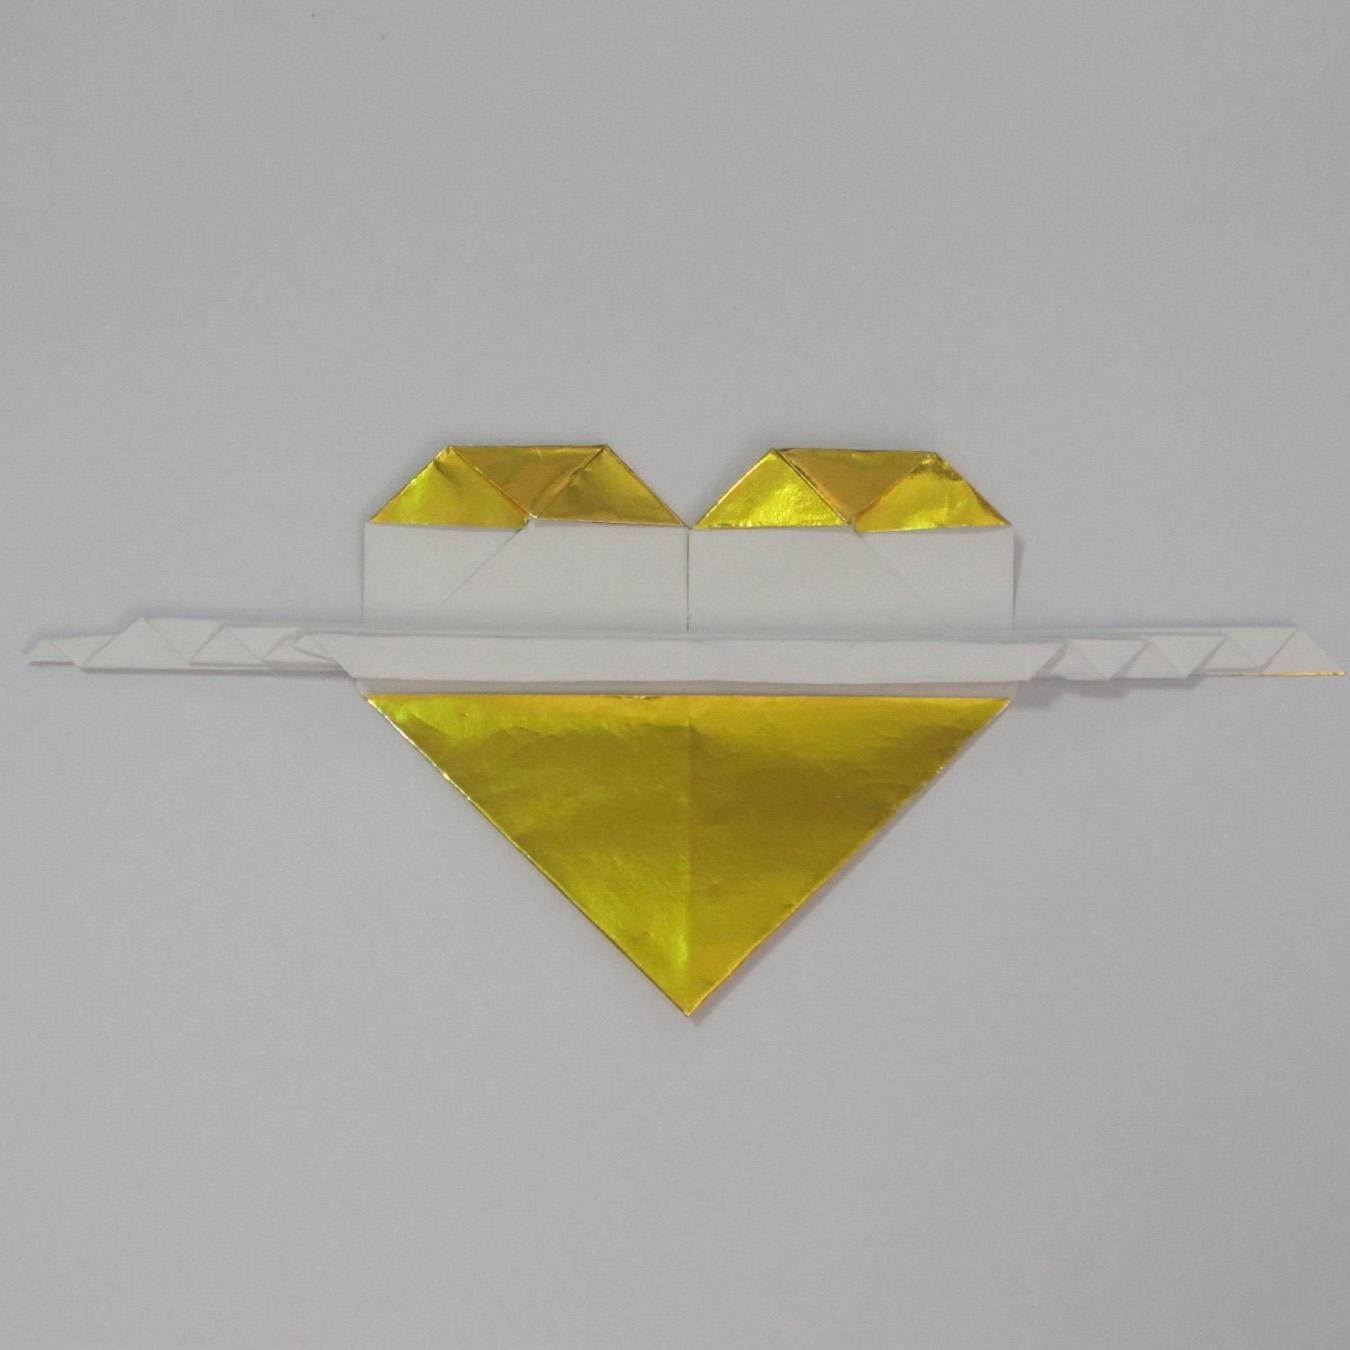 วิธีพับกระดาษเป็นรูปหัวใจติดปีก (Heart Wing Origami) 024